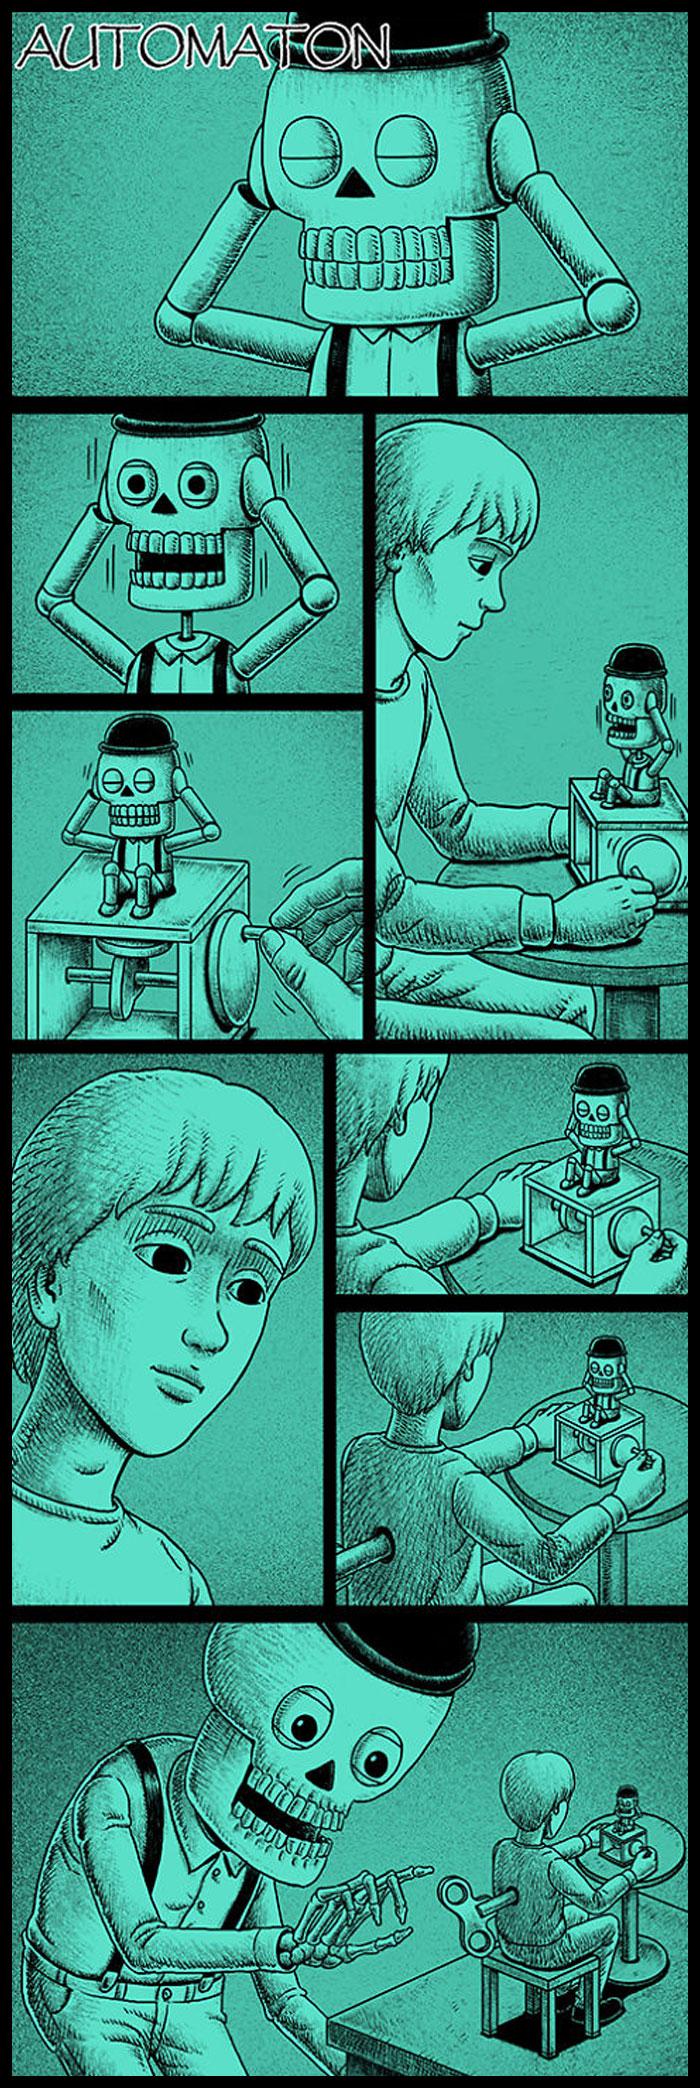 Фото №28 - 30 комиксов с отборным черным юмором от Бена Чена